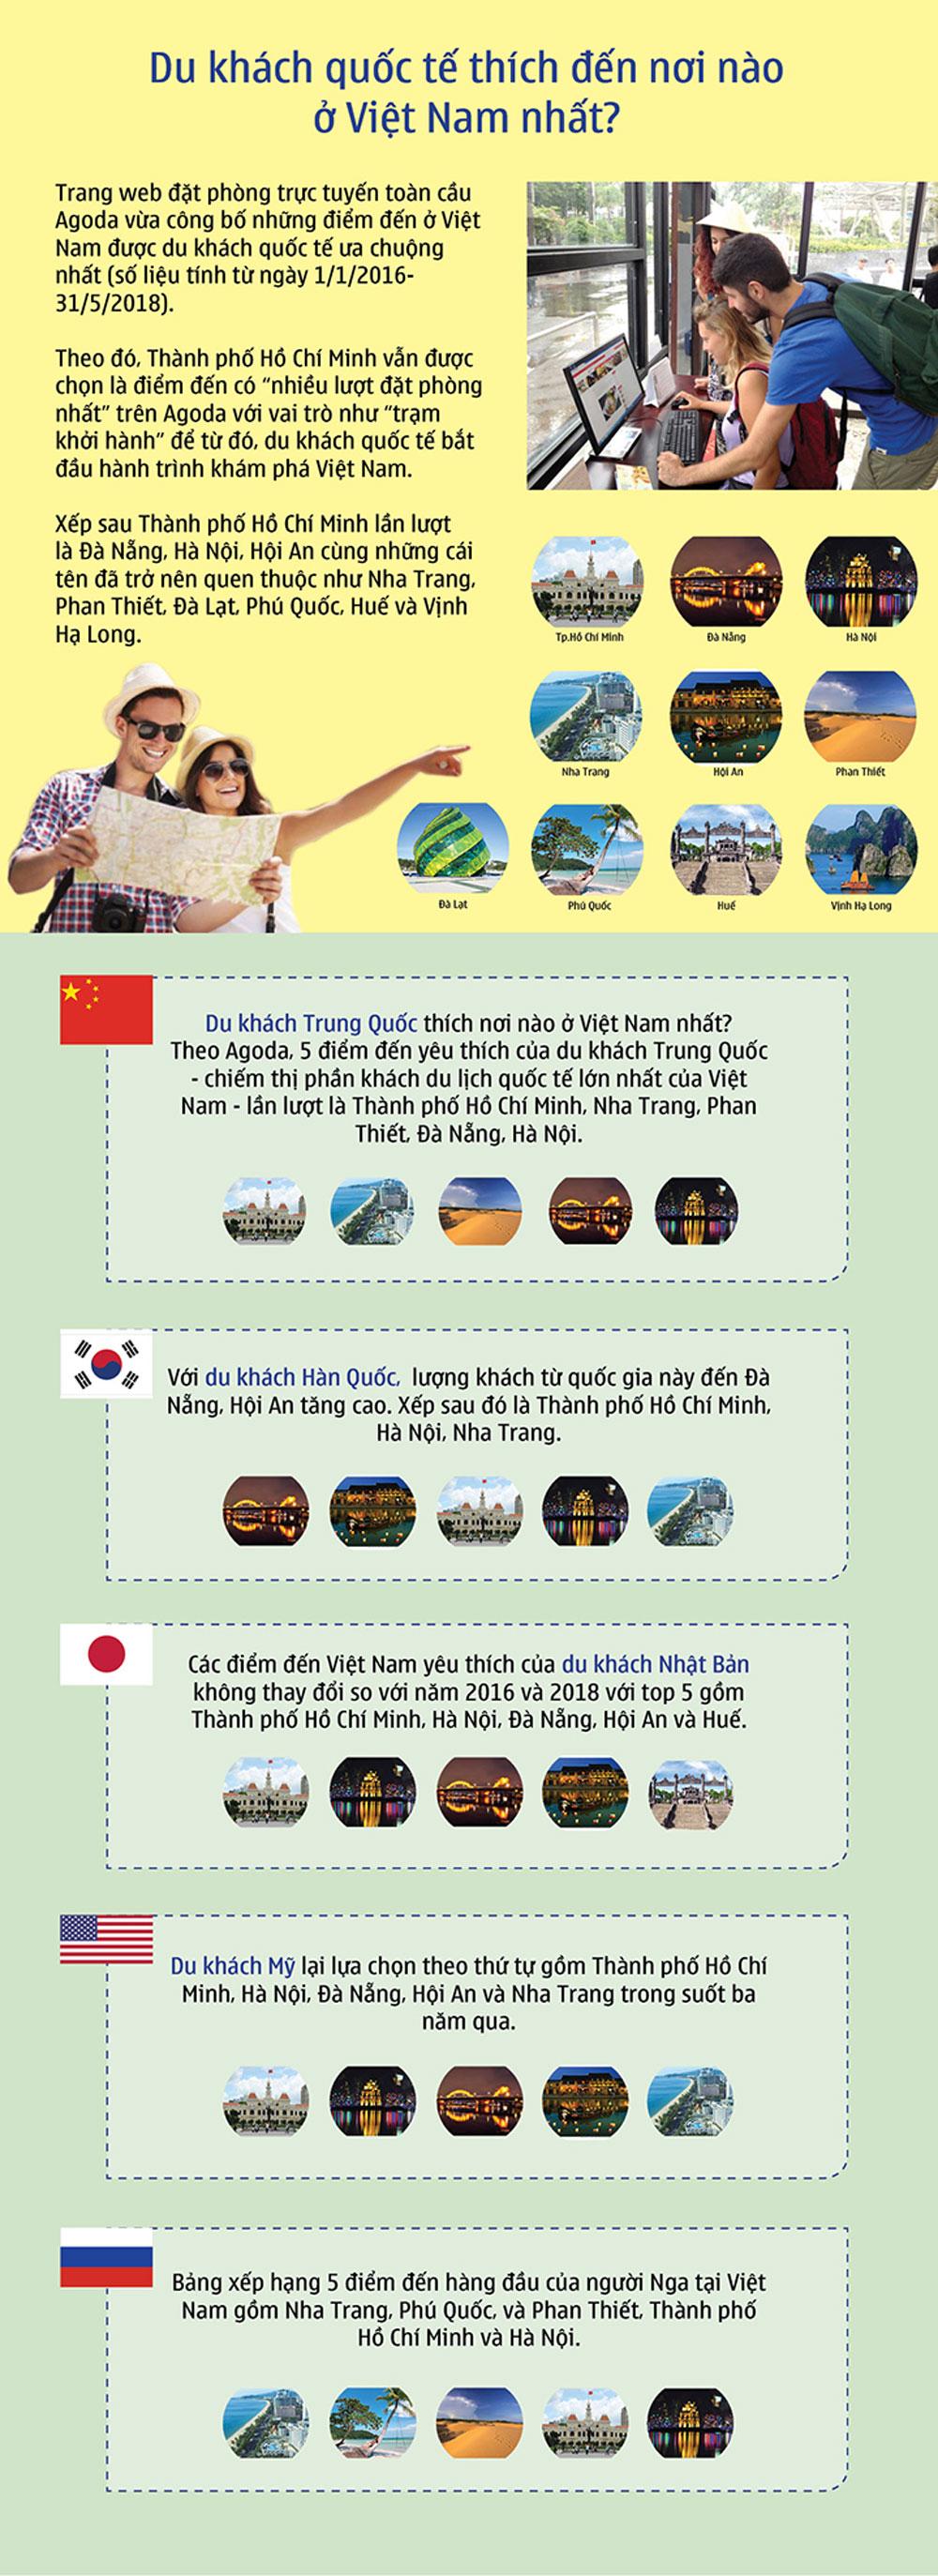 Du khách, quốc tế, thích nơi nào, Việt Nam nhất